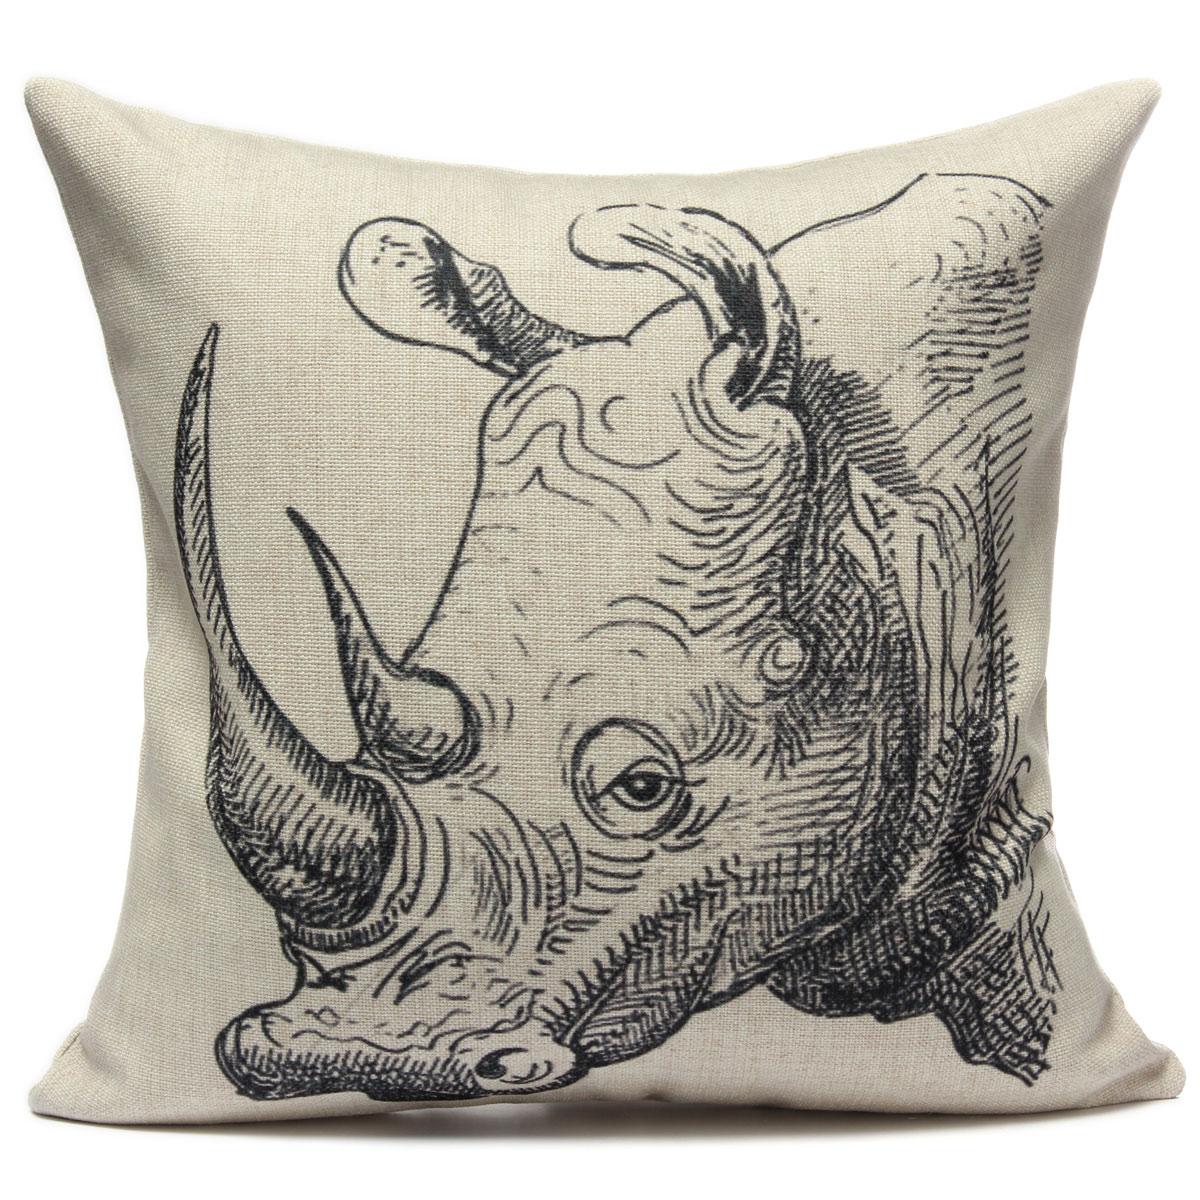 animaux housse de coussin taie d 39 oreiller maison voiture canap lit sofa d co ip ebay. Black Bedroom Furniture Sets. Home Design Ideas